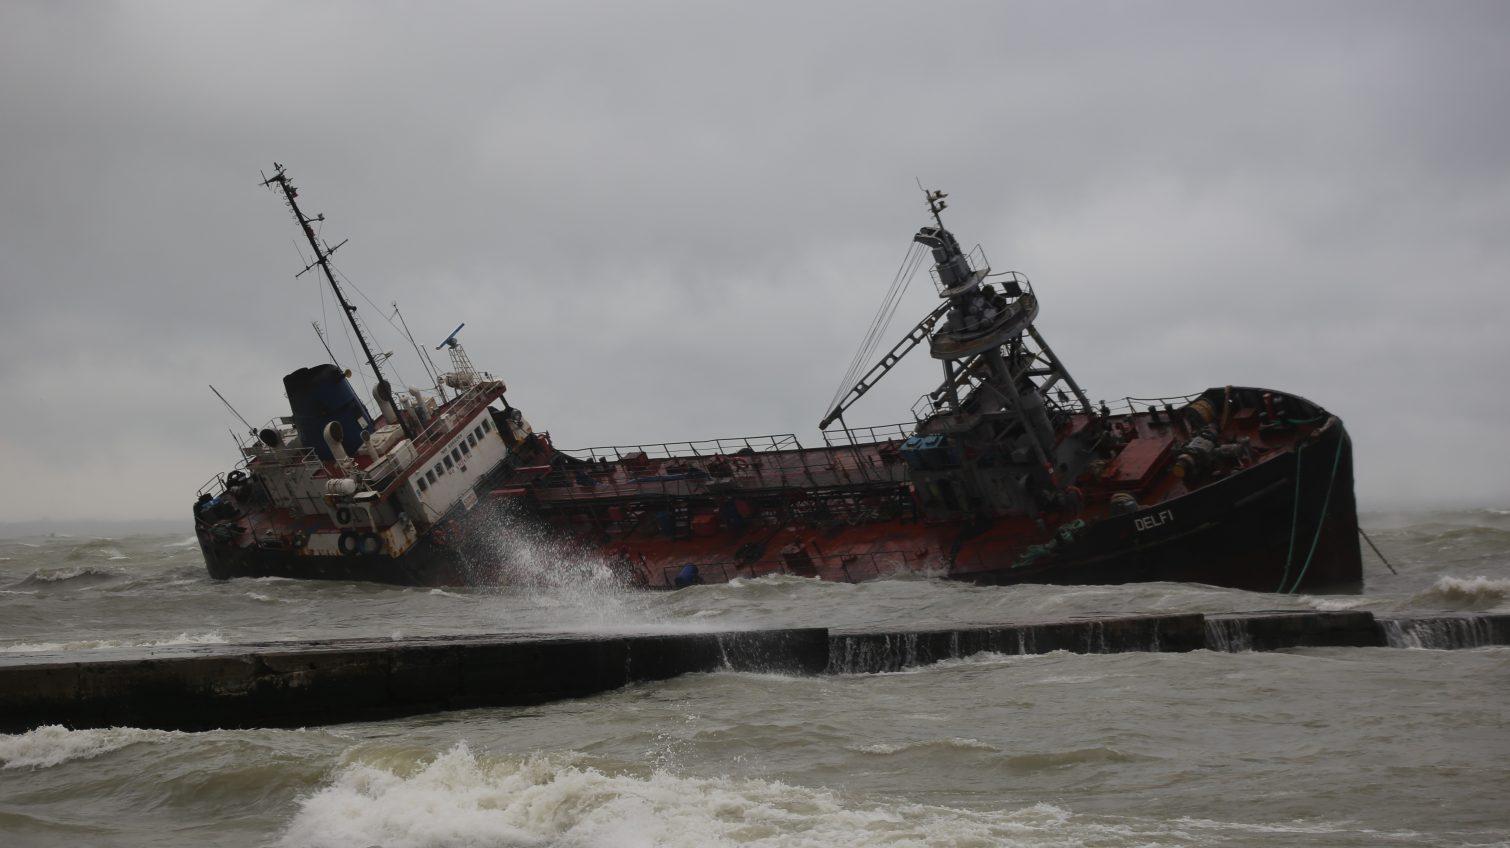 Коммунальщиков и спасателей, которые участвовали в спасательной операции с танкером, отметят наградами «фото»